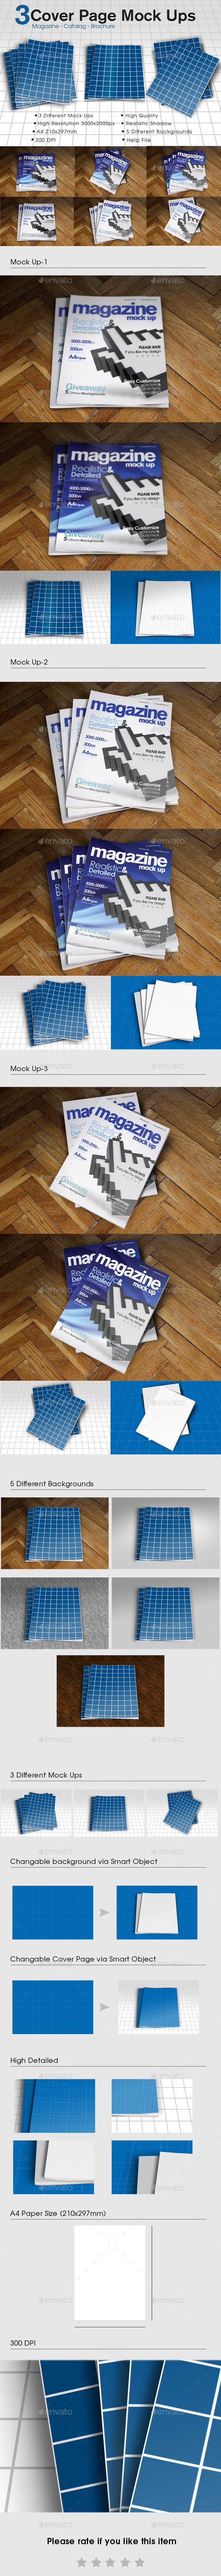 A4 Magazine Catalog Mock Up